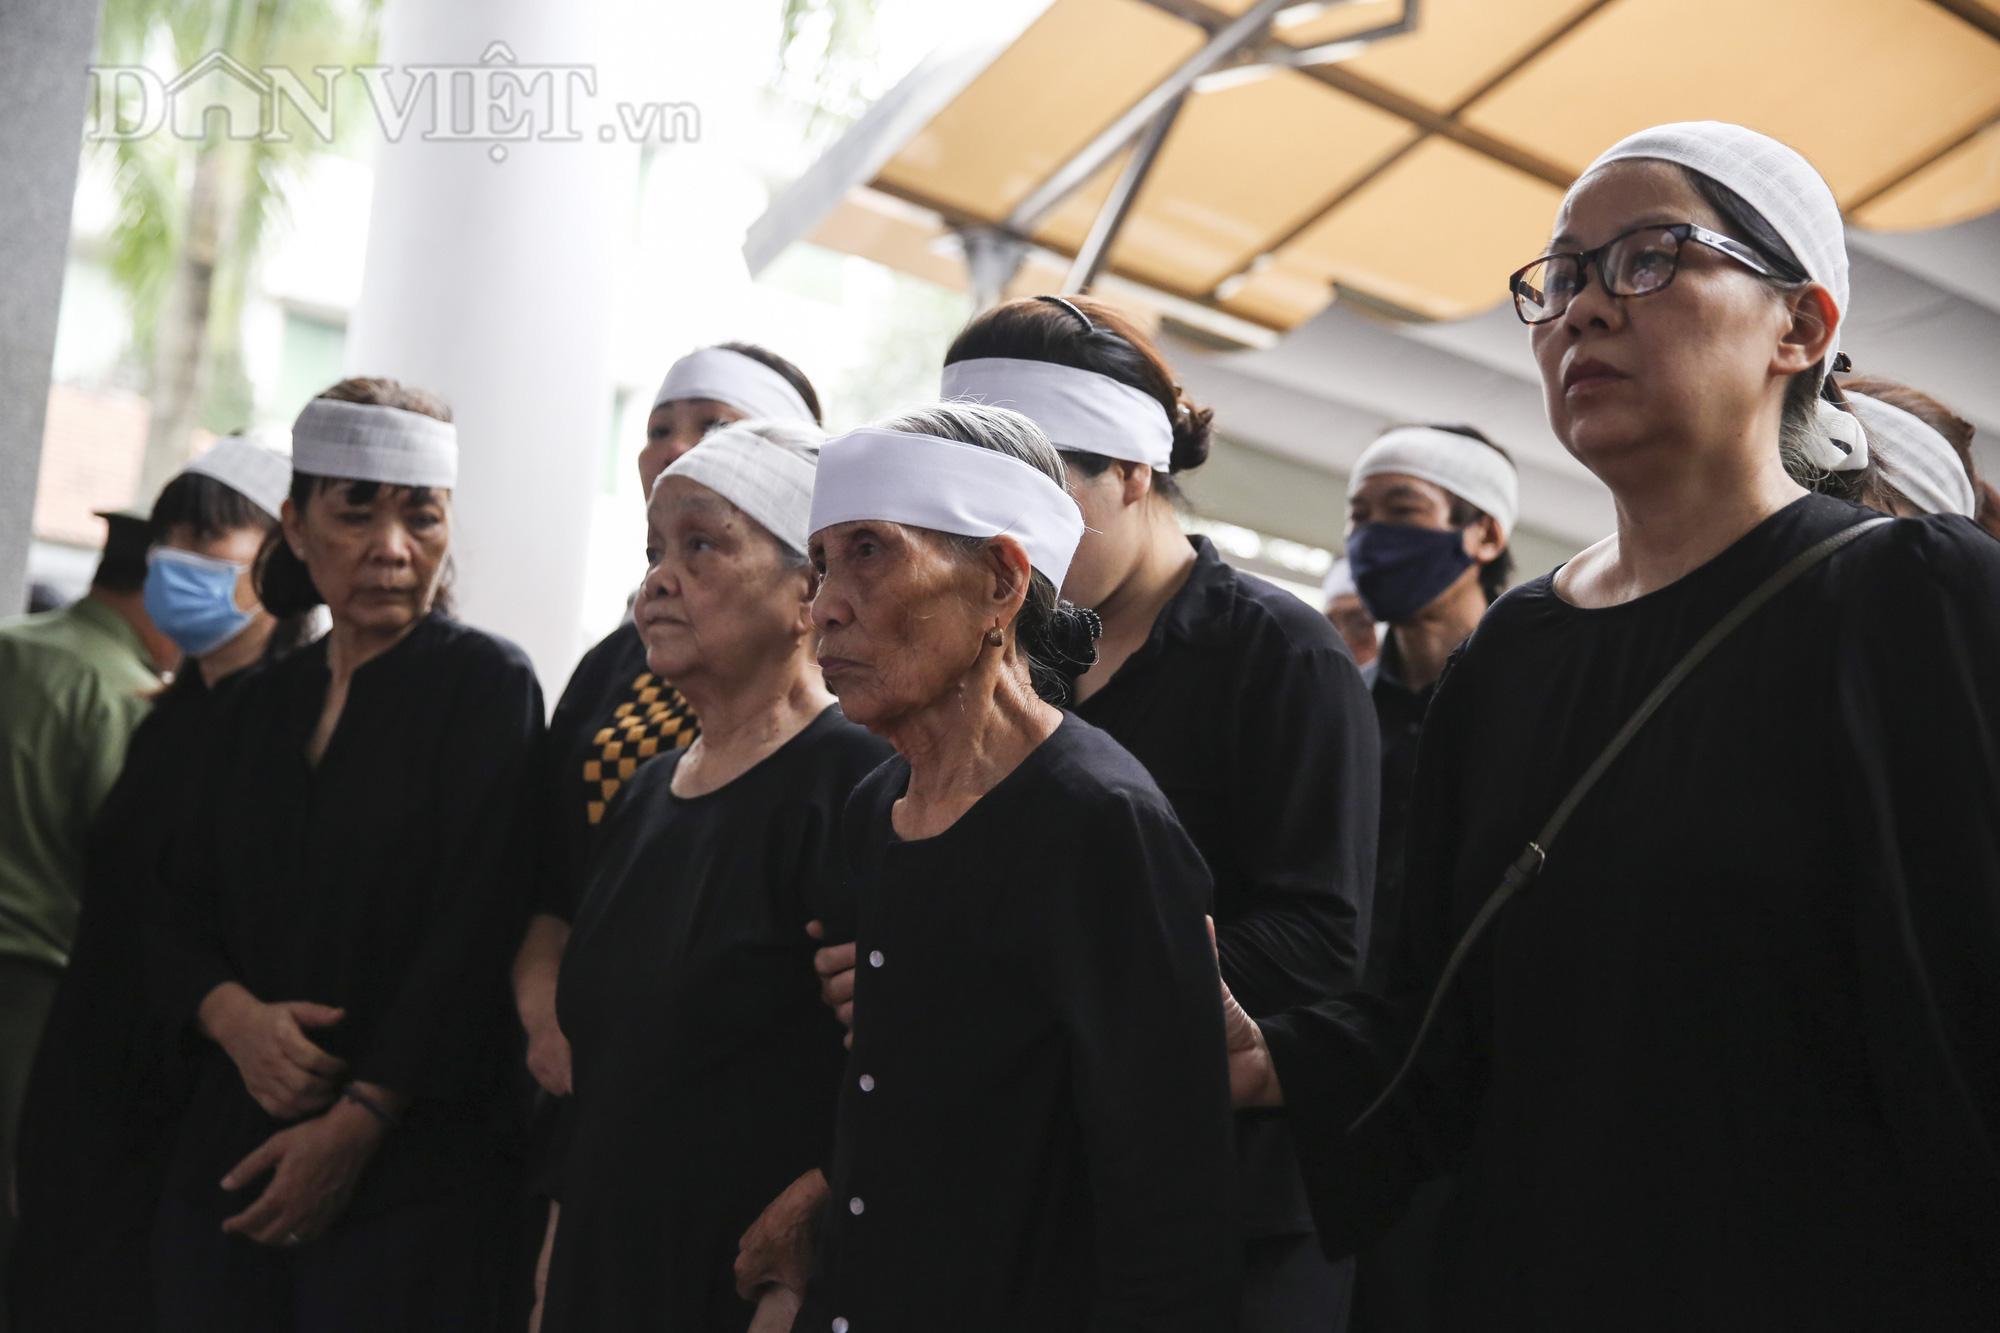 Thủ tướng đến viếng, tiễn đưa đồng chí Nguyễn Đình Hương - Ảnh 2.